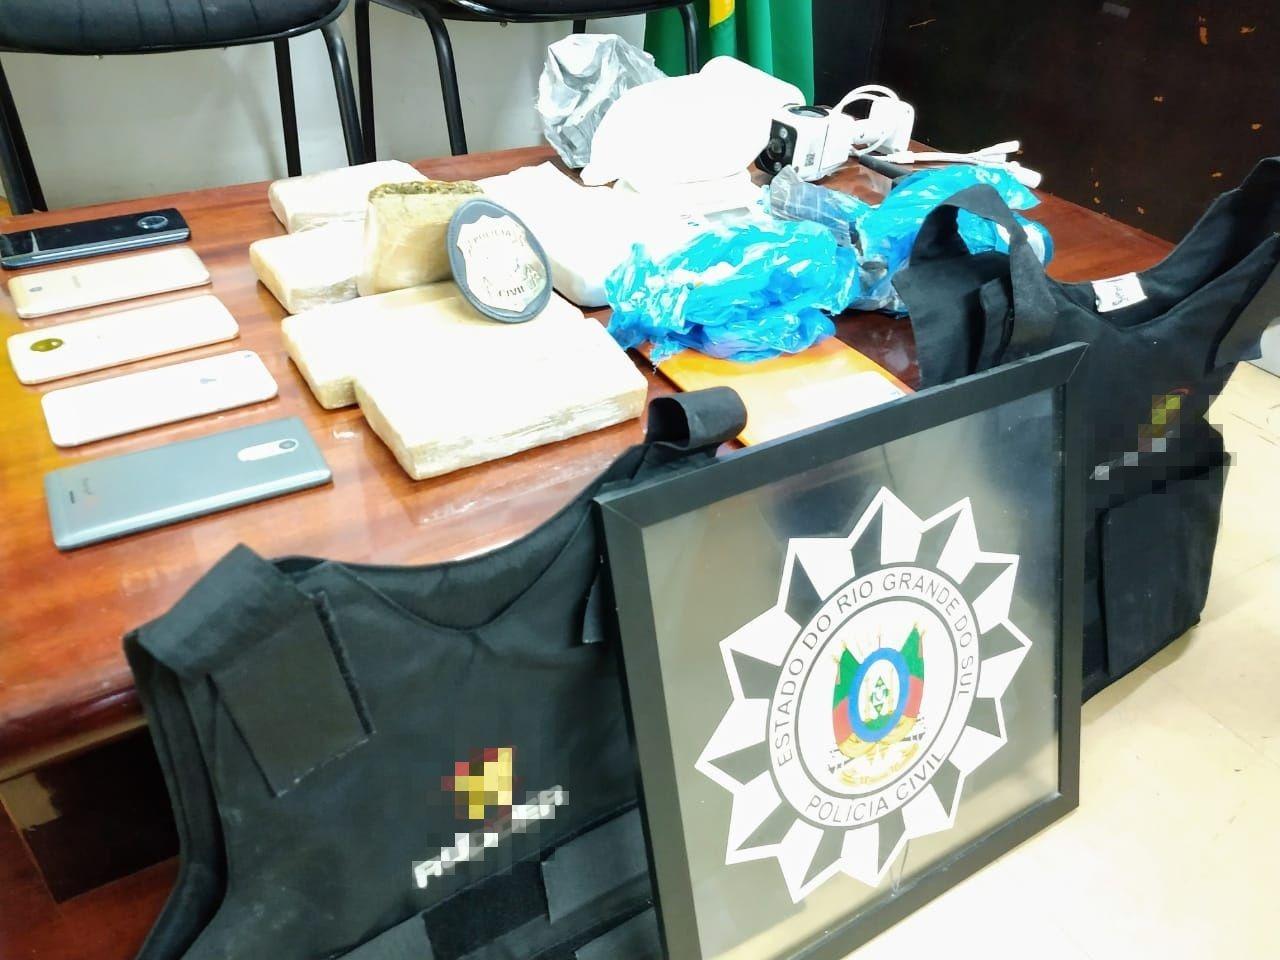 Operação da Polícia prende homem e apreende 3,5 kg de drogas em Bento